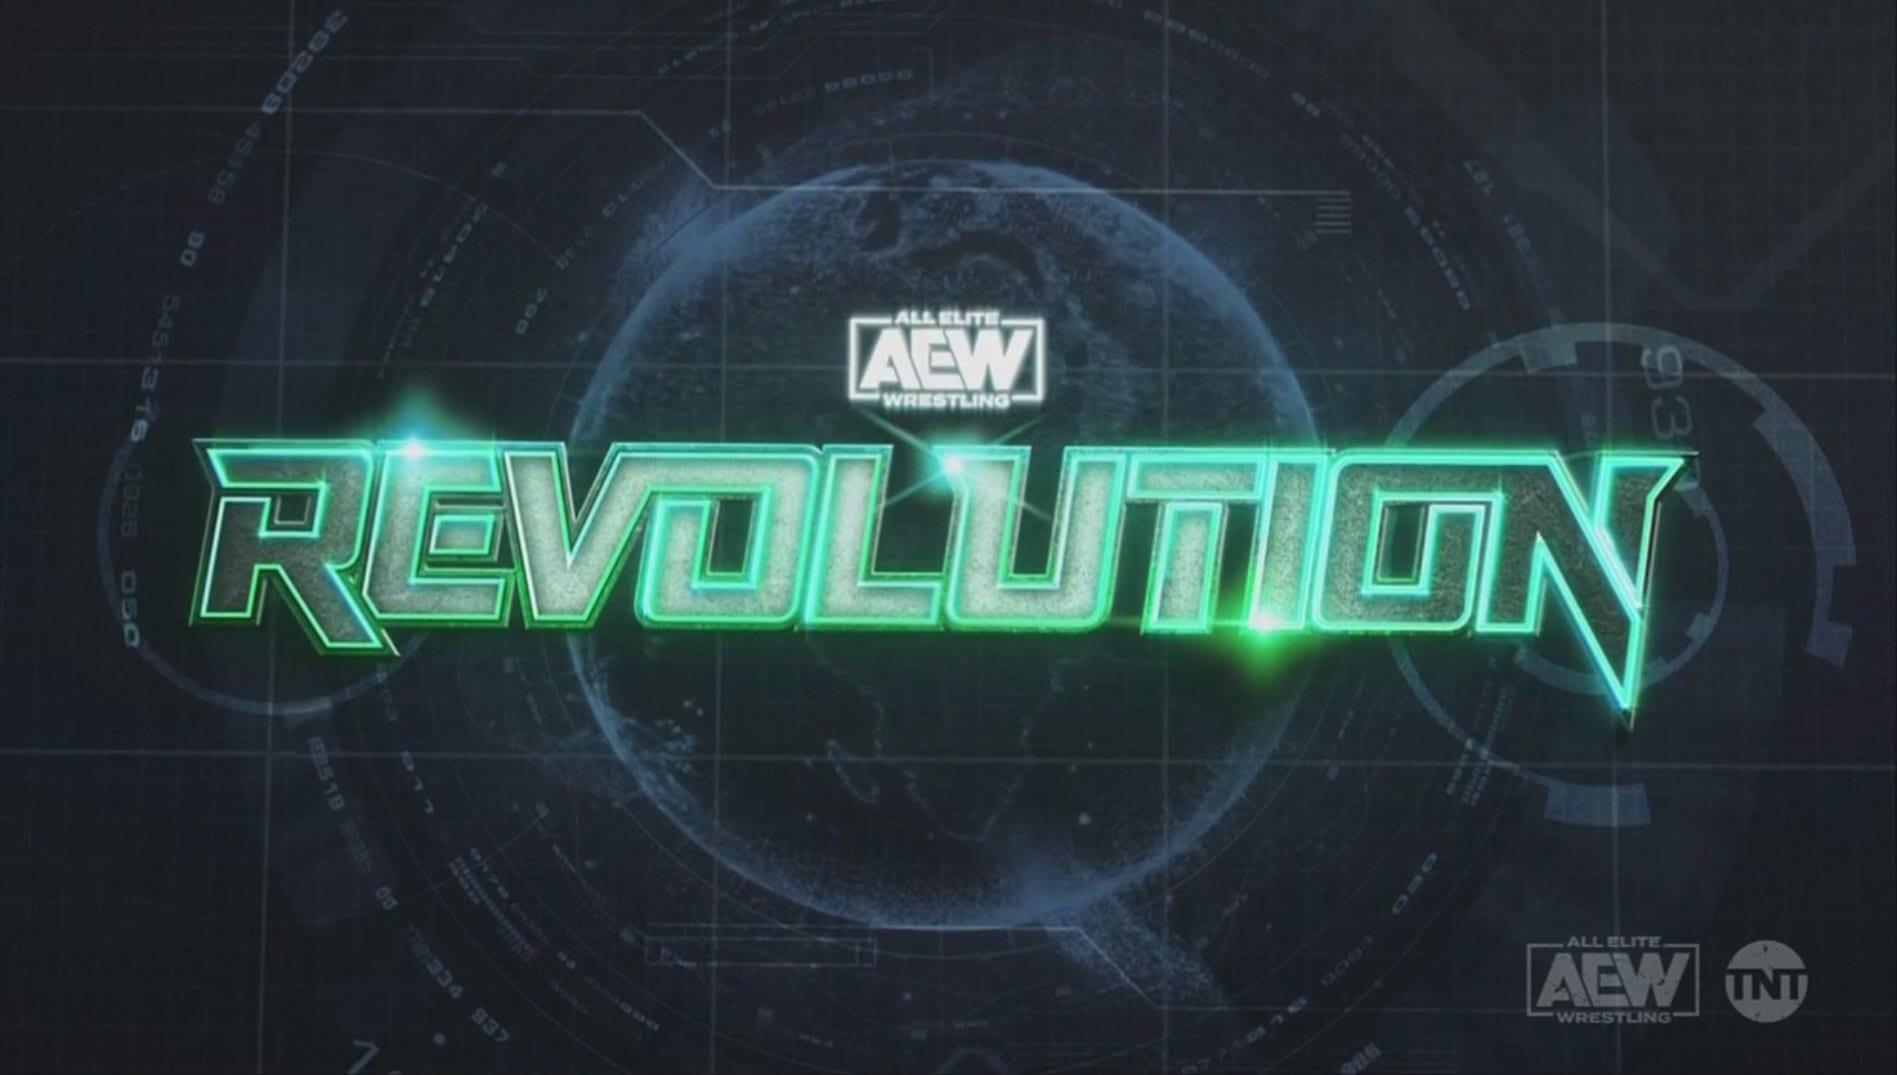 aew revlution